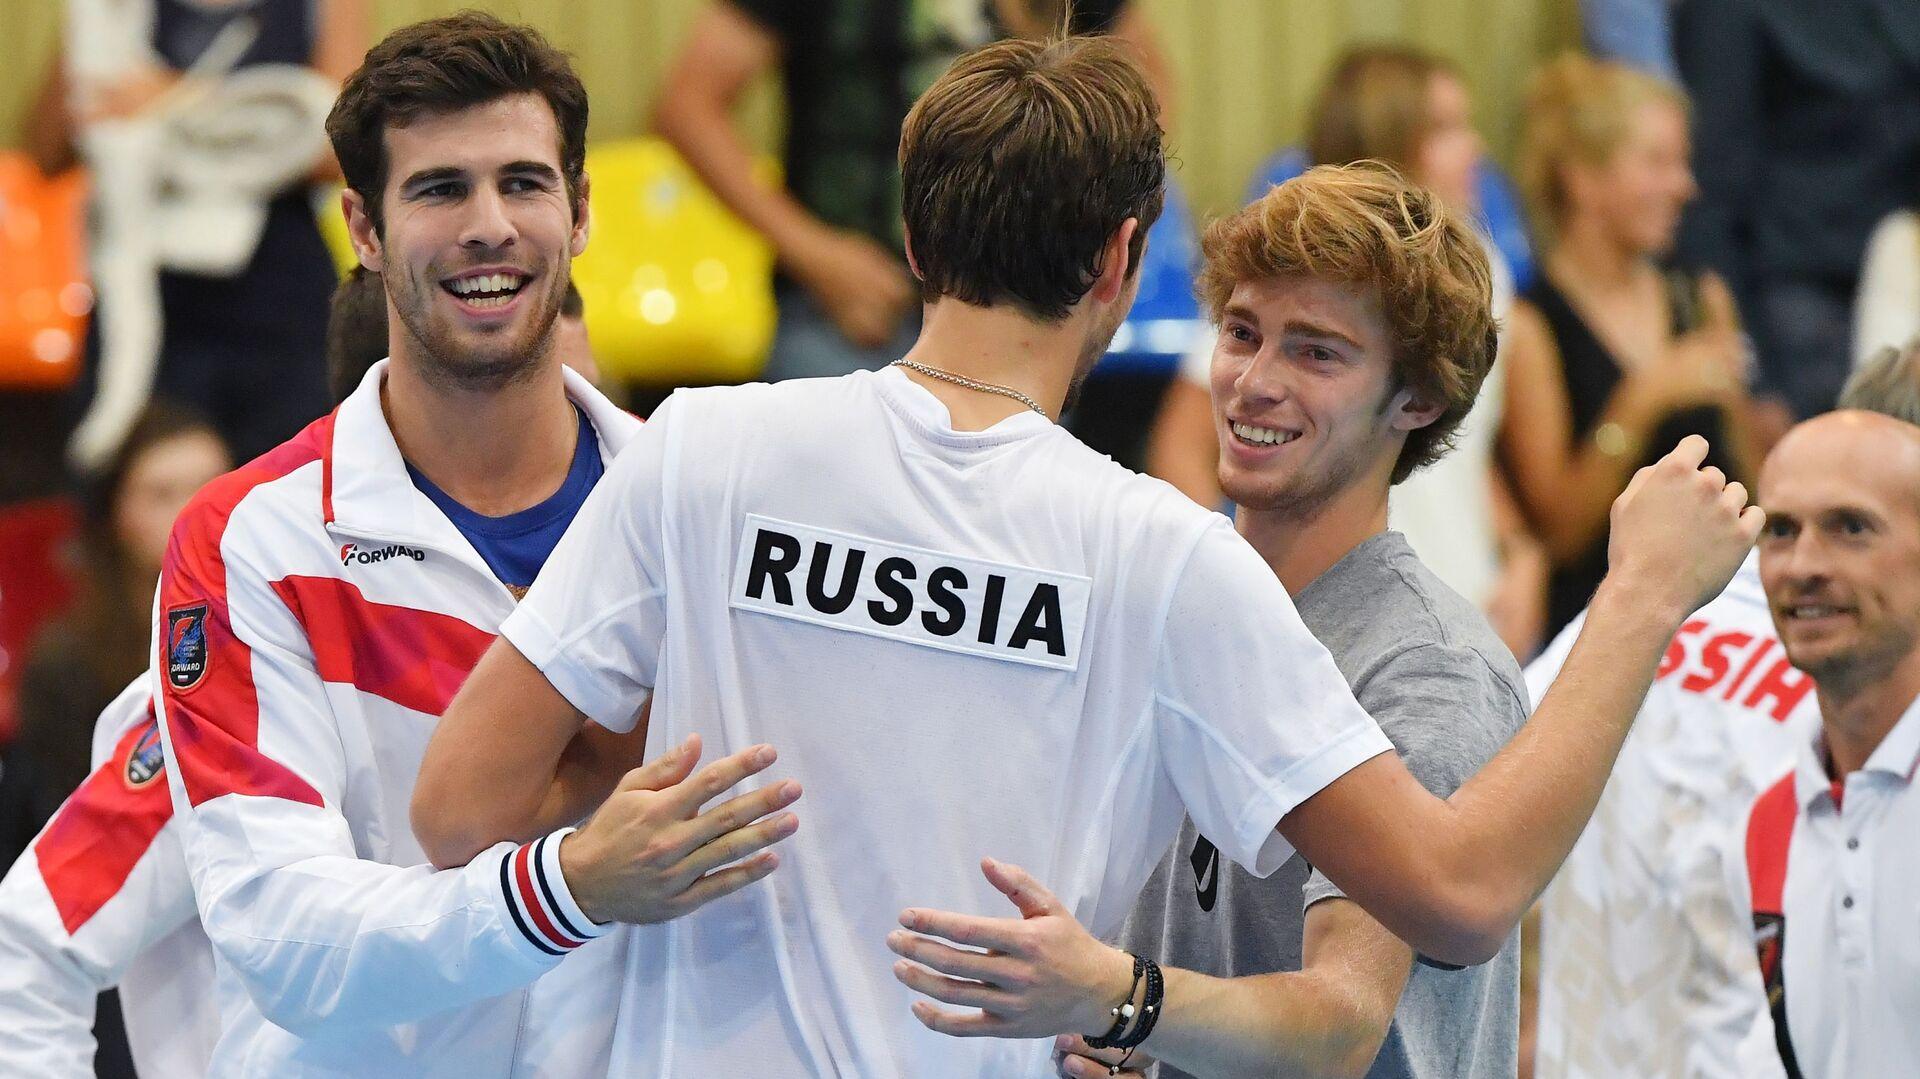 Teniska reprezentacija Rusije (Hačanov, Medvedev, Rubljov) - Sputnik Srbija, 1920, 06.02.2021